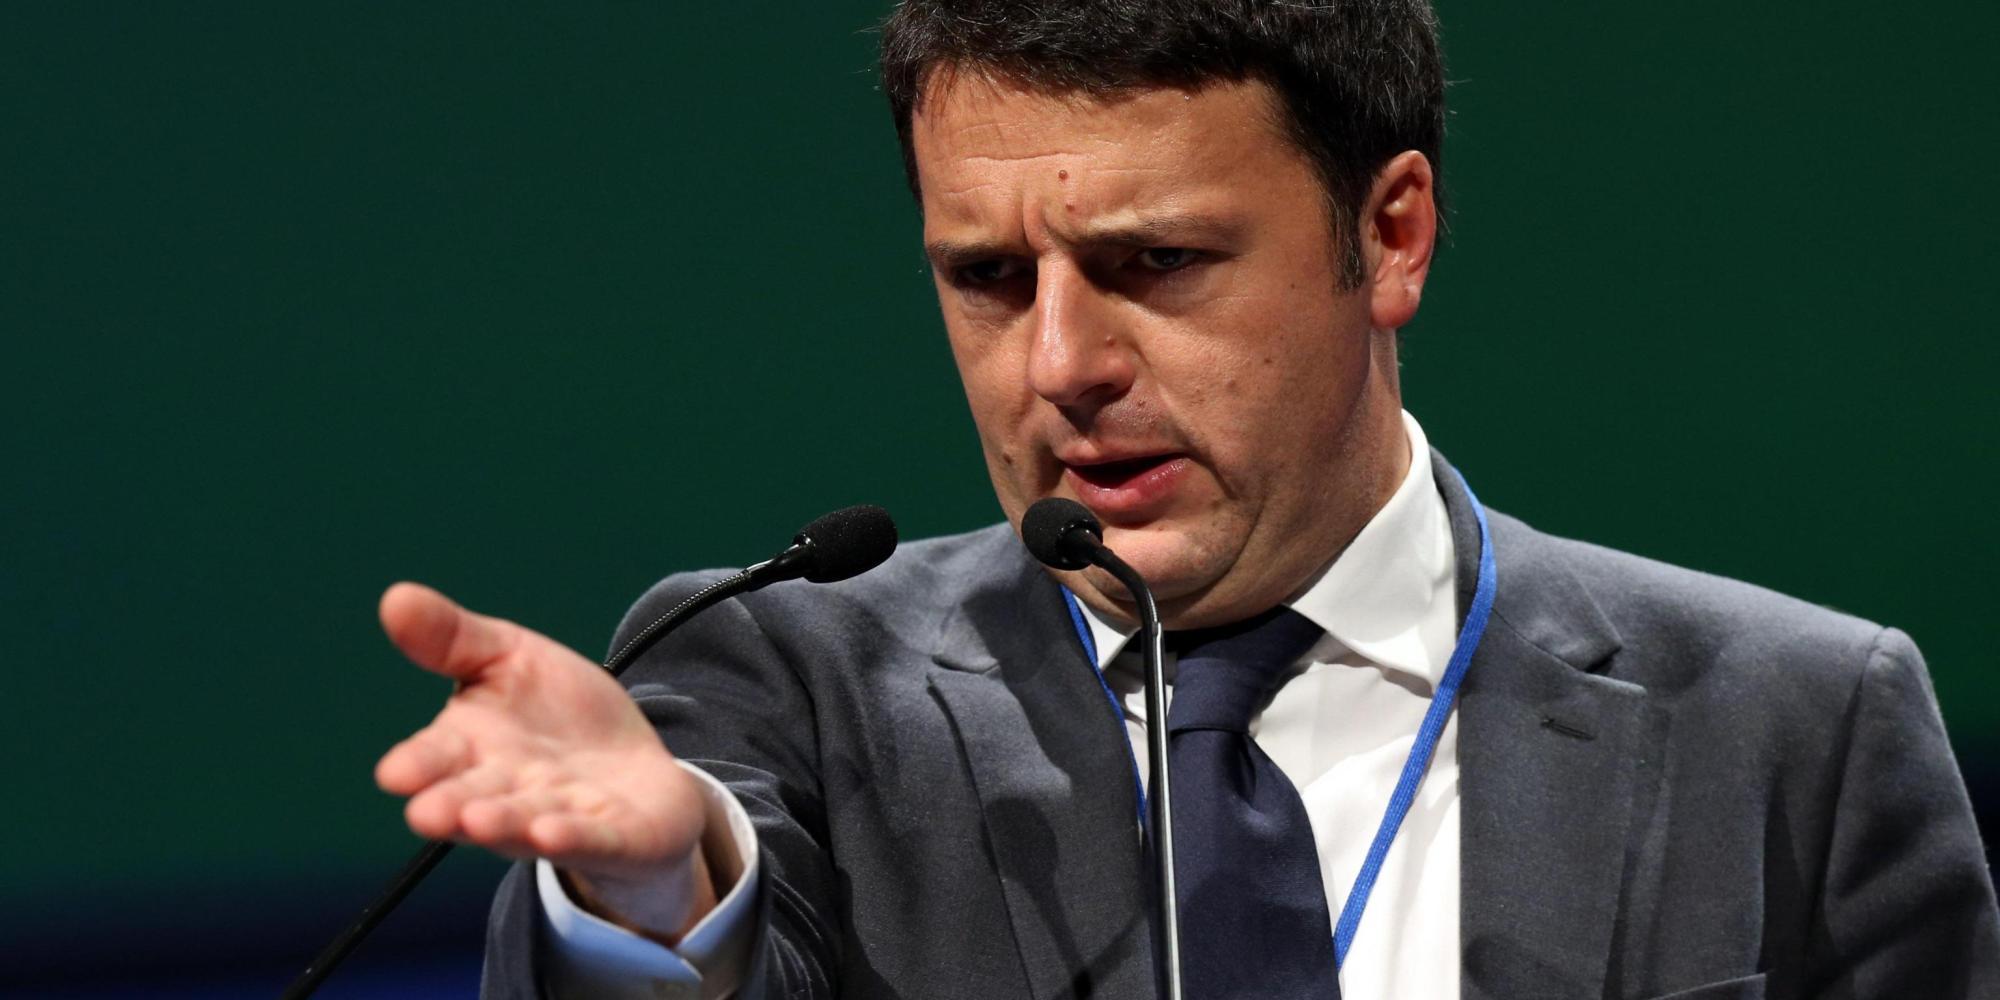 Riforma del Lavoro, Renzi ottiene il via libera dal Pd e spacca la minoranza interna. L'80% è con lui